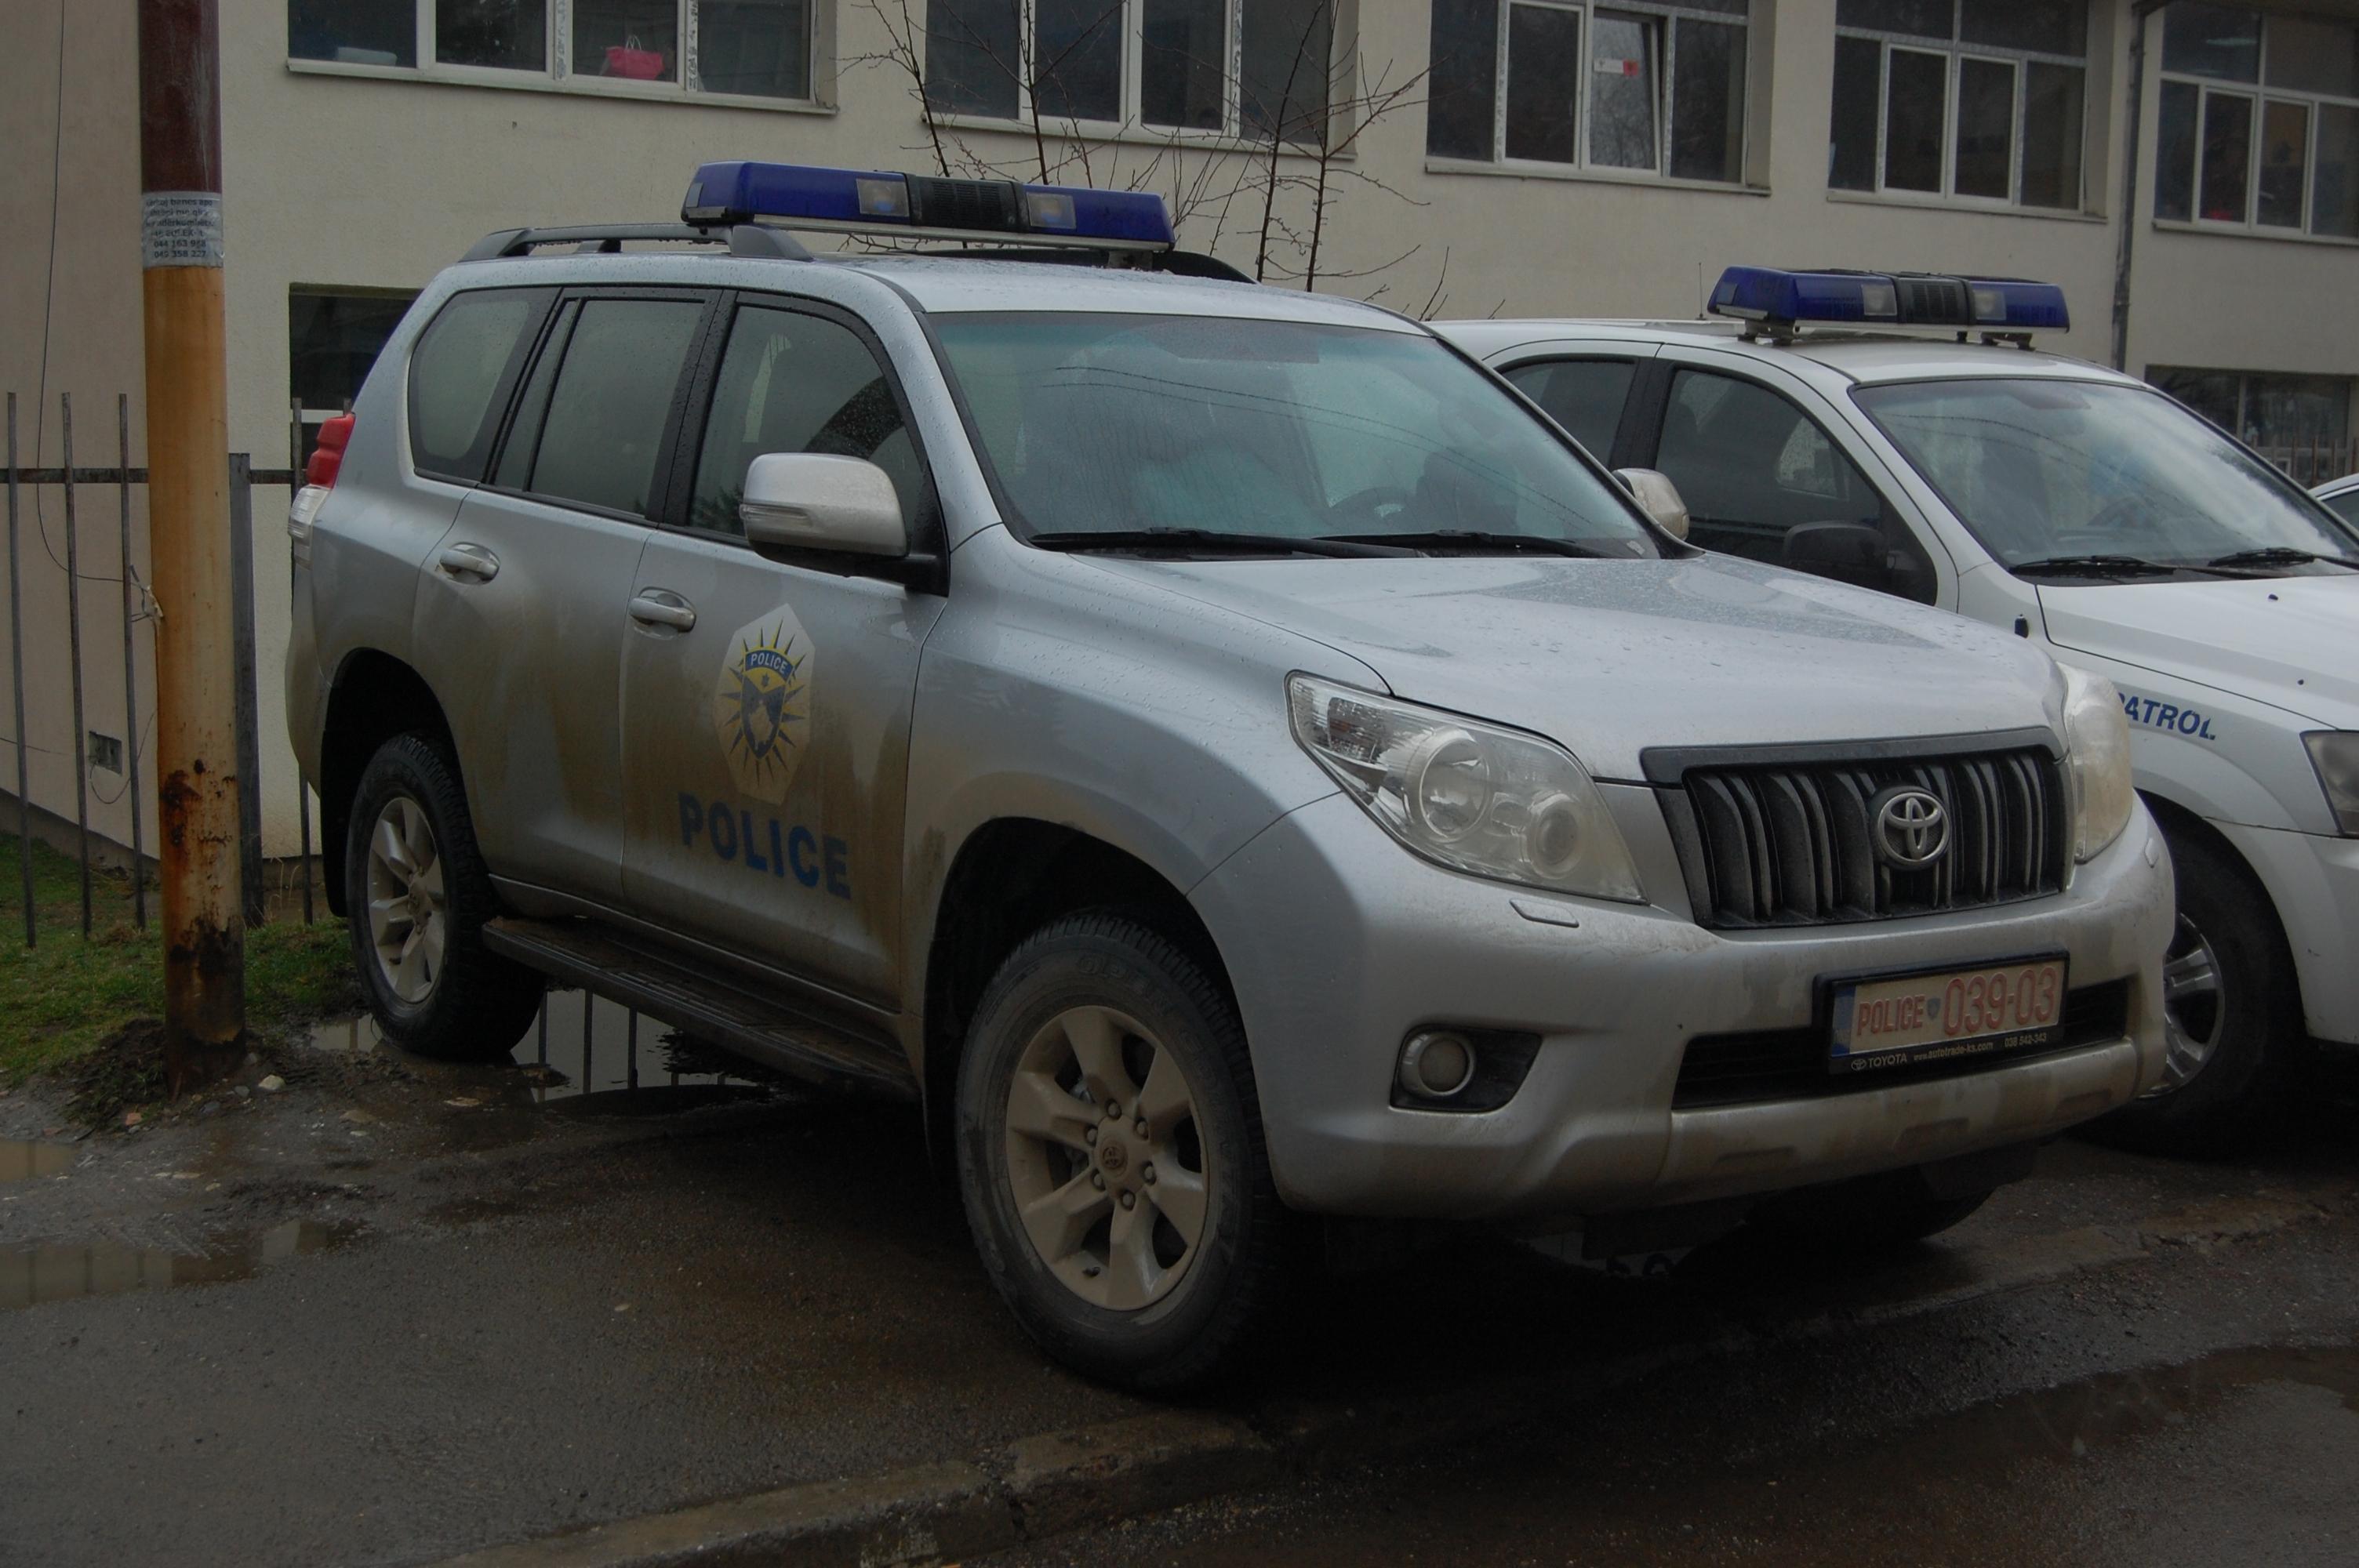 PRISTINA GRATUIT POLICE TÉLÉCHARGER